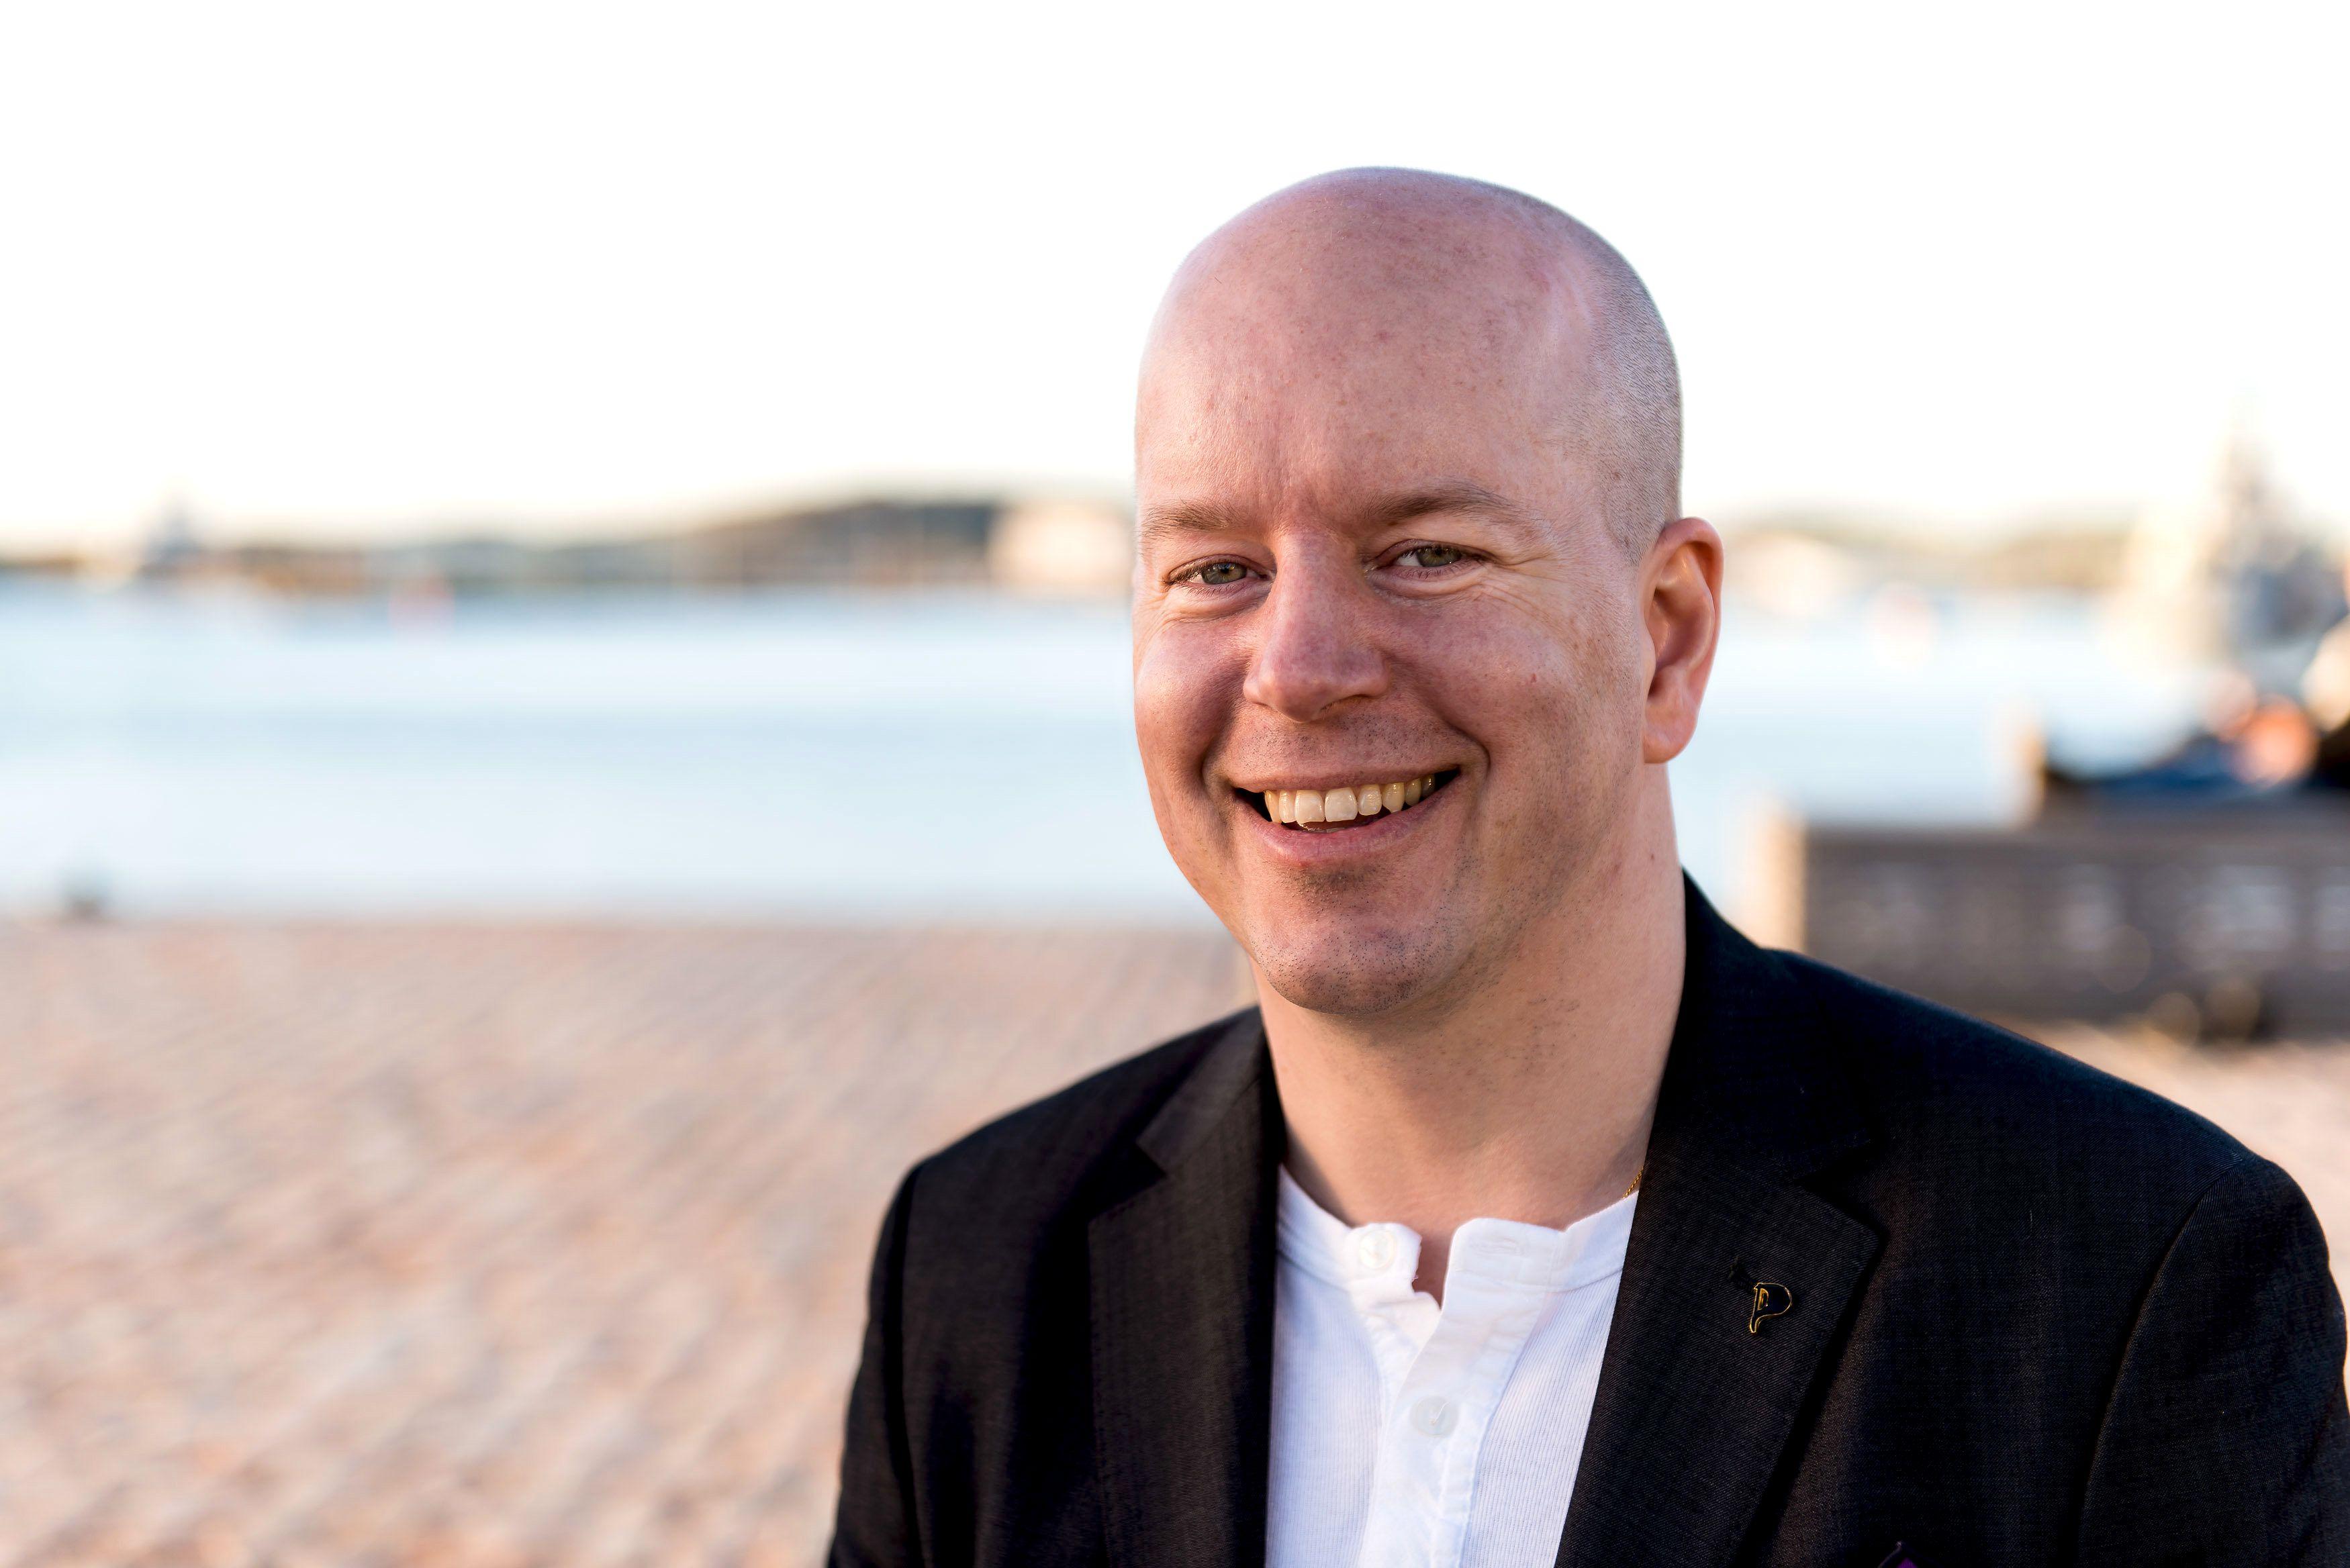 Intervju med Magnus Andersson